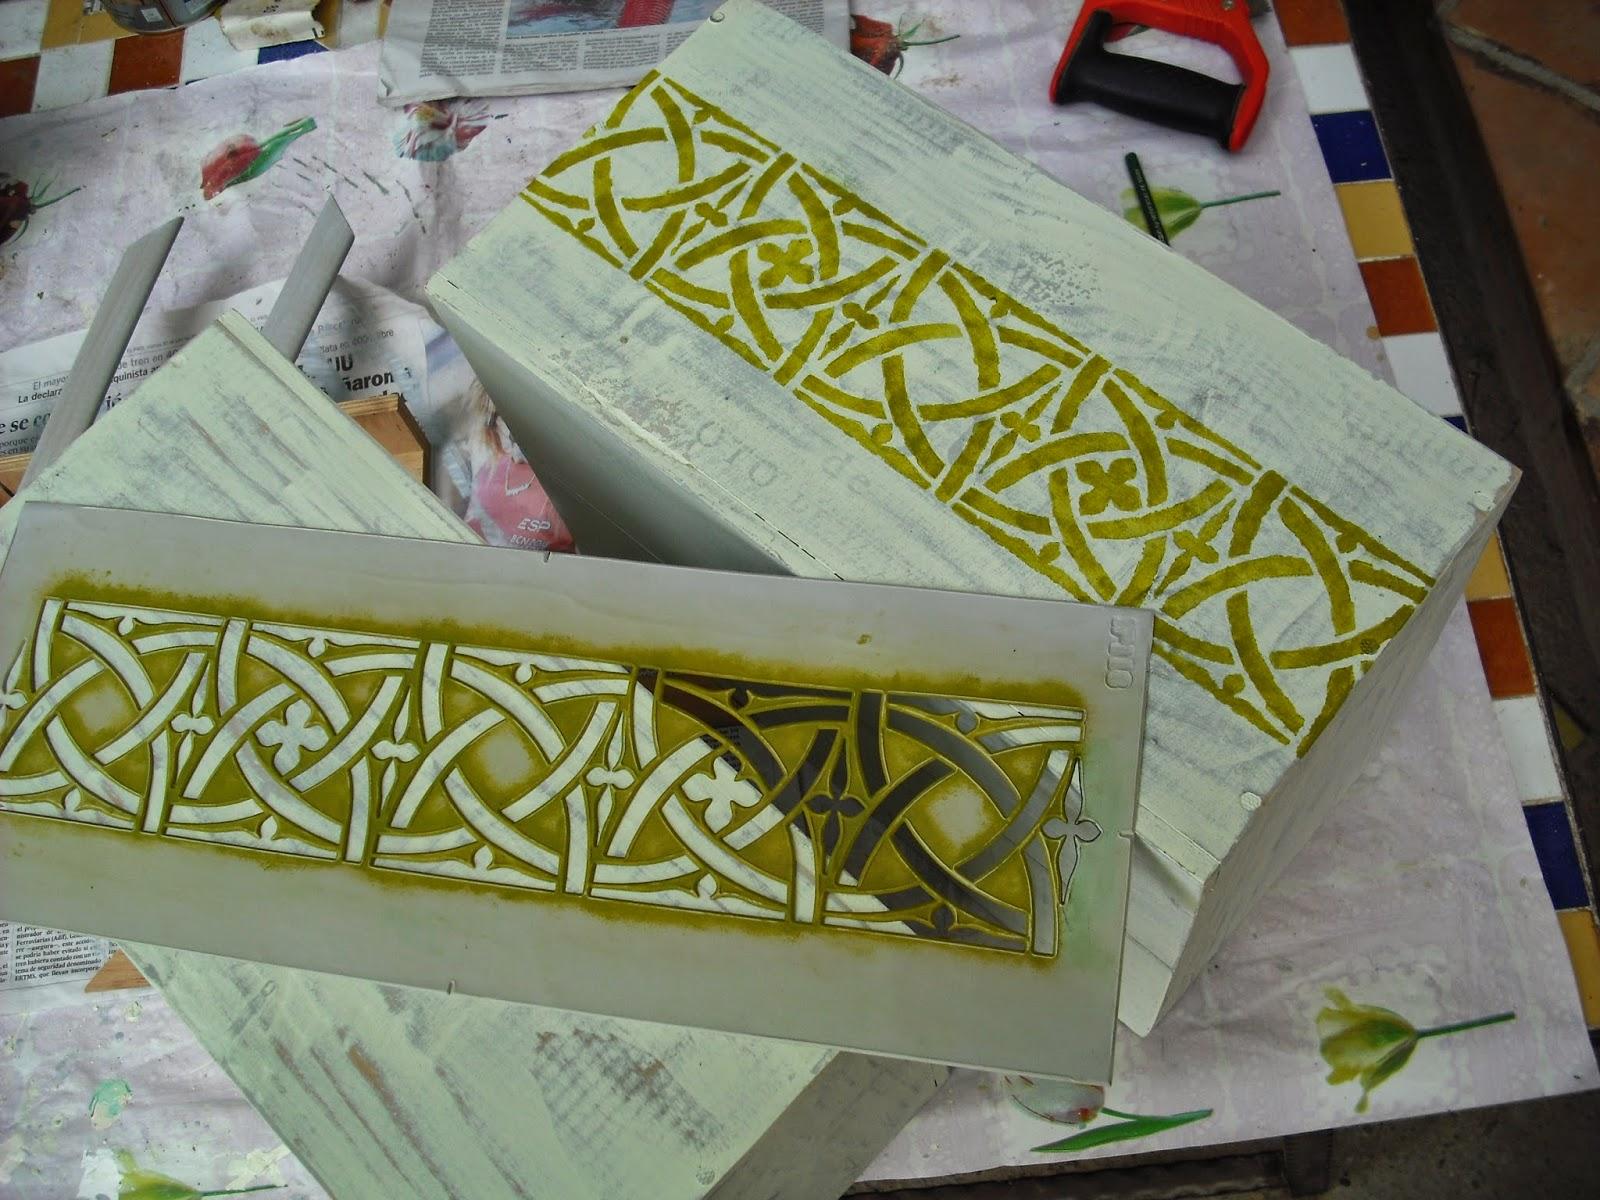 las cajas pequeas son dos cajas de vino se hace lo mismo que con las cajas anteriores dos capas de pintura de cada color lijar y sacar el veteado